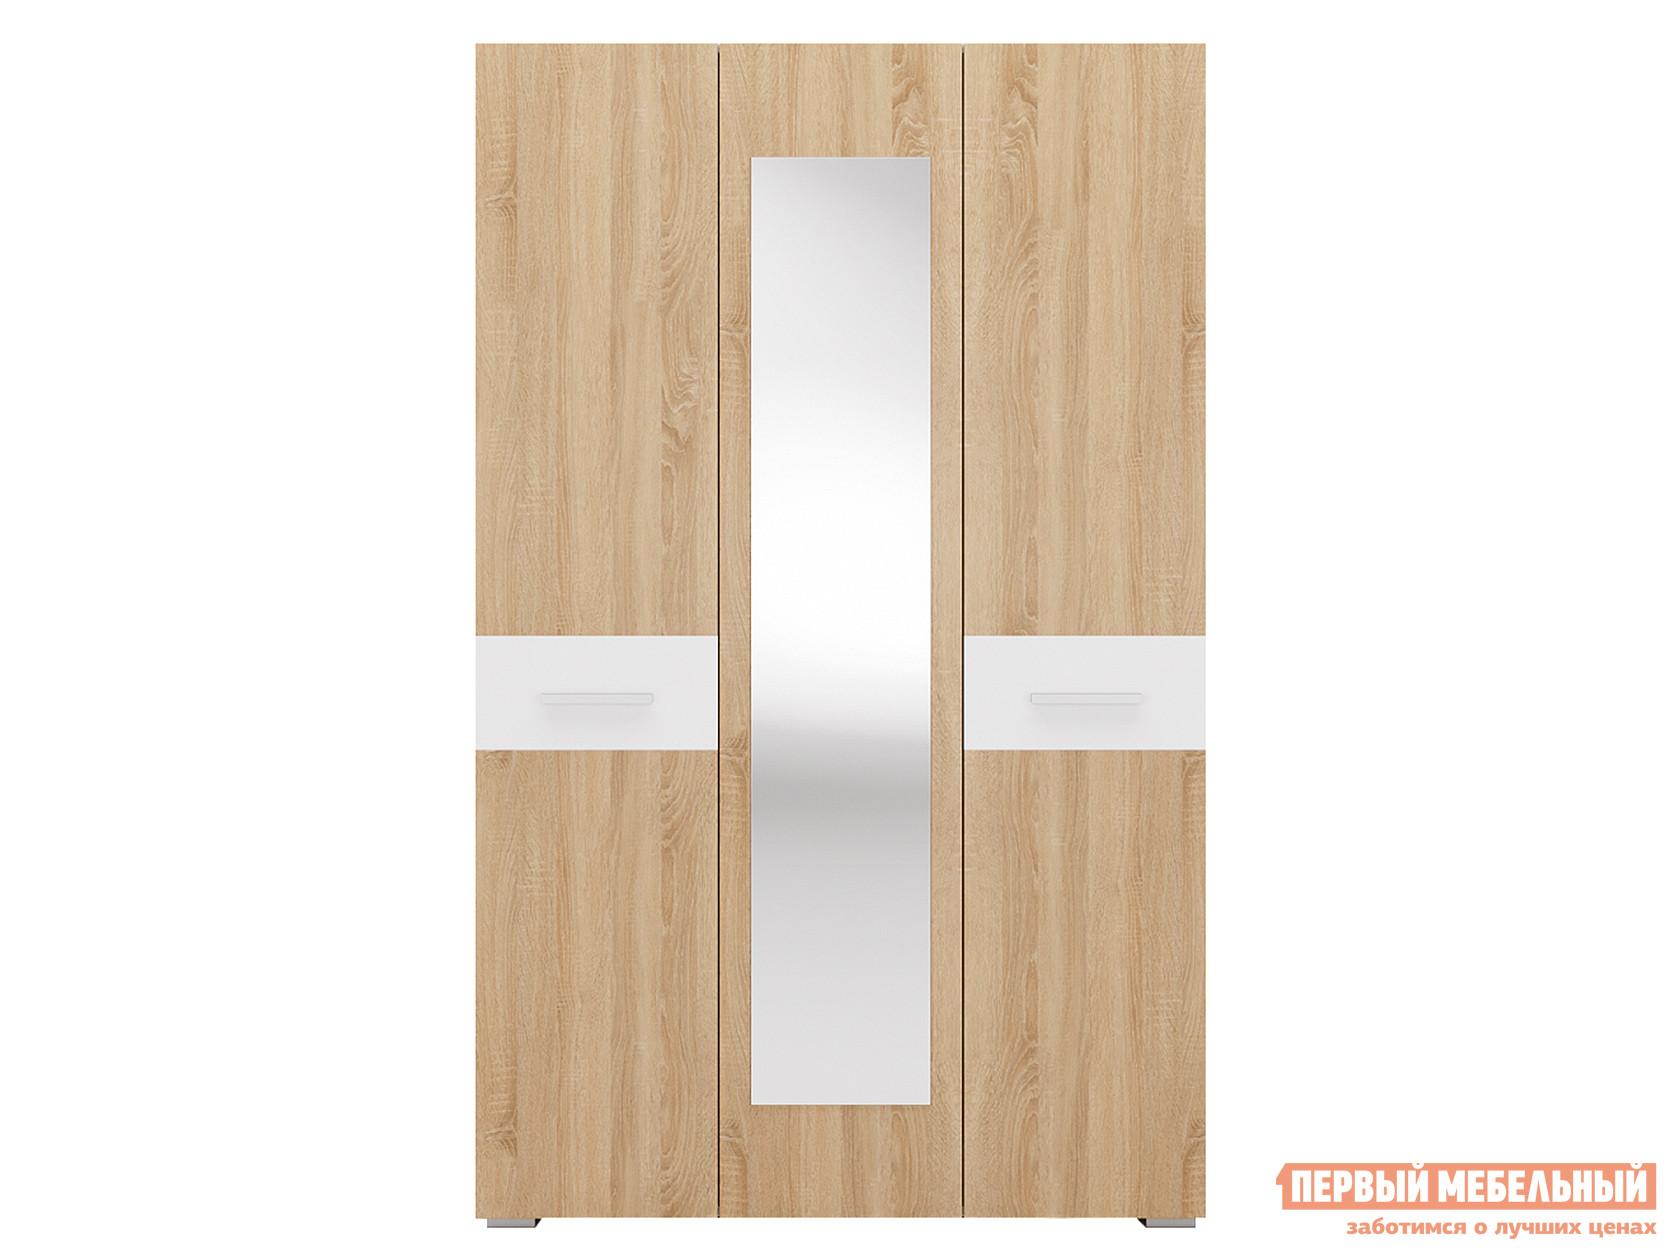 Шкаф распашной Первый Мебельный Даллас 3 распашной шкаф трехстворчатый первый мебельный вегас 3